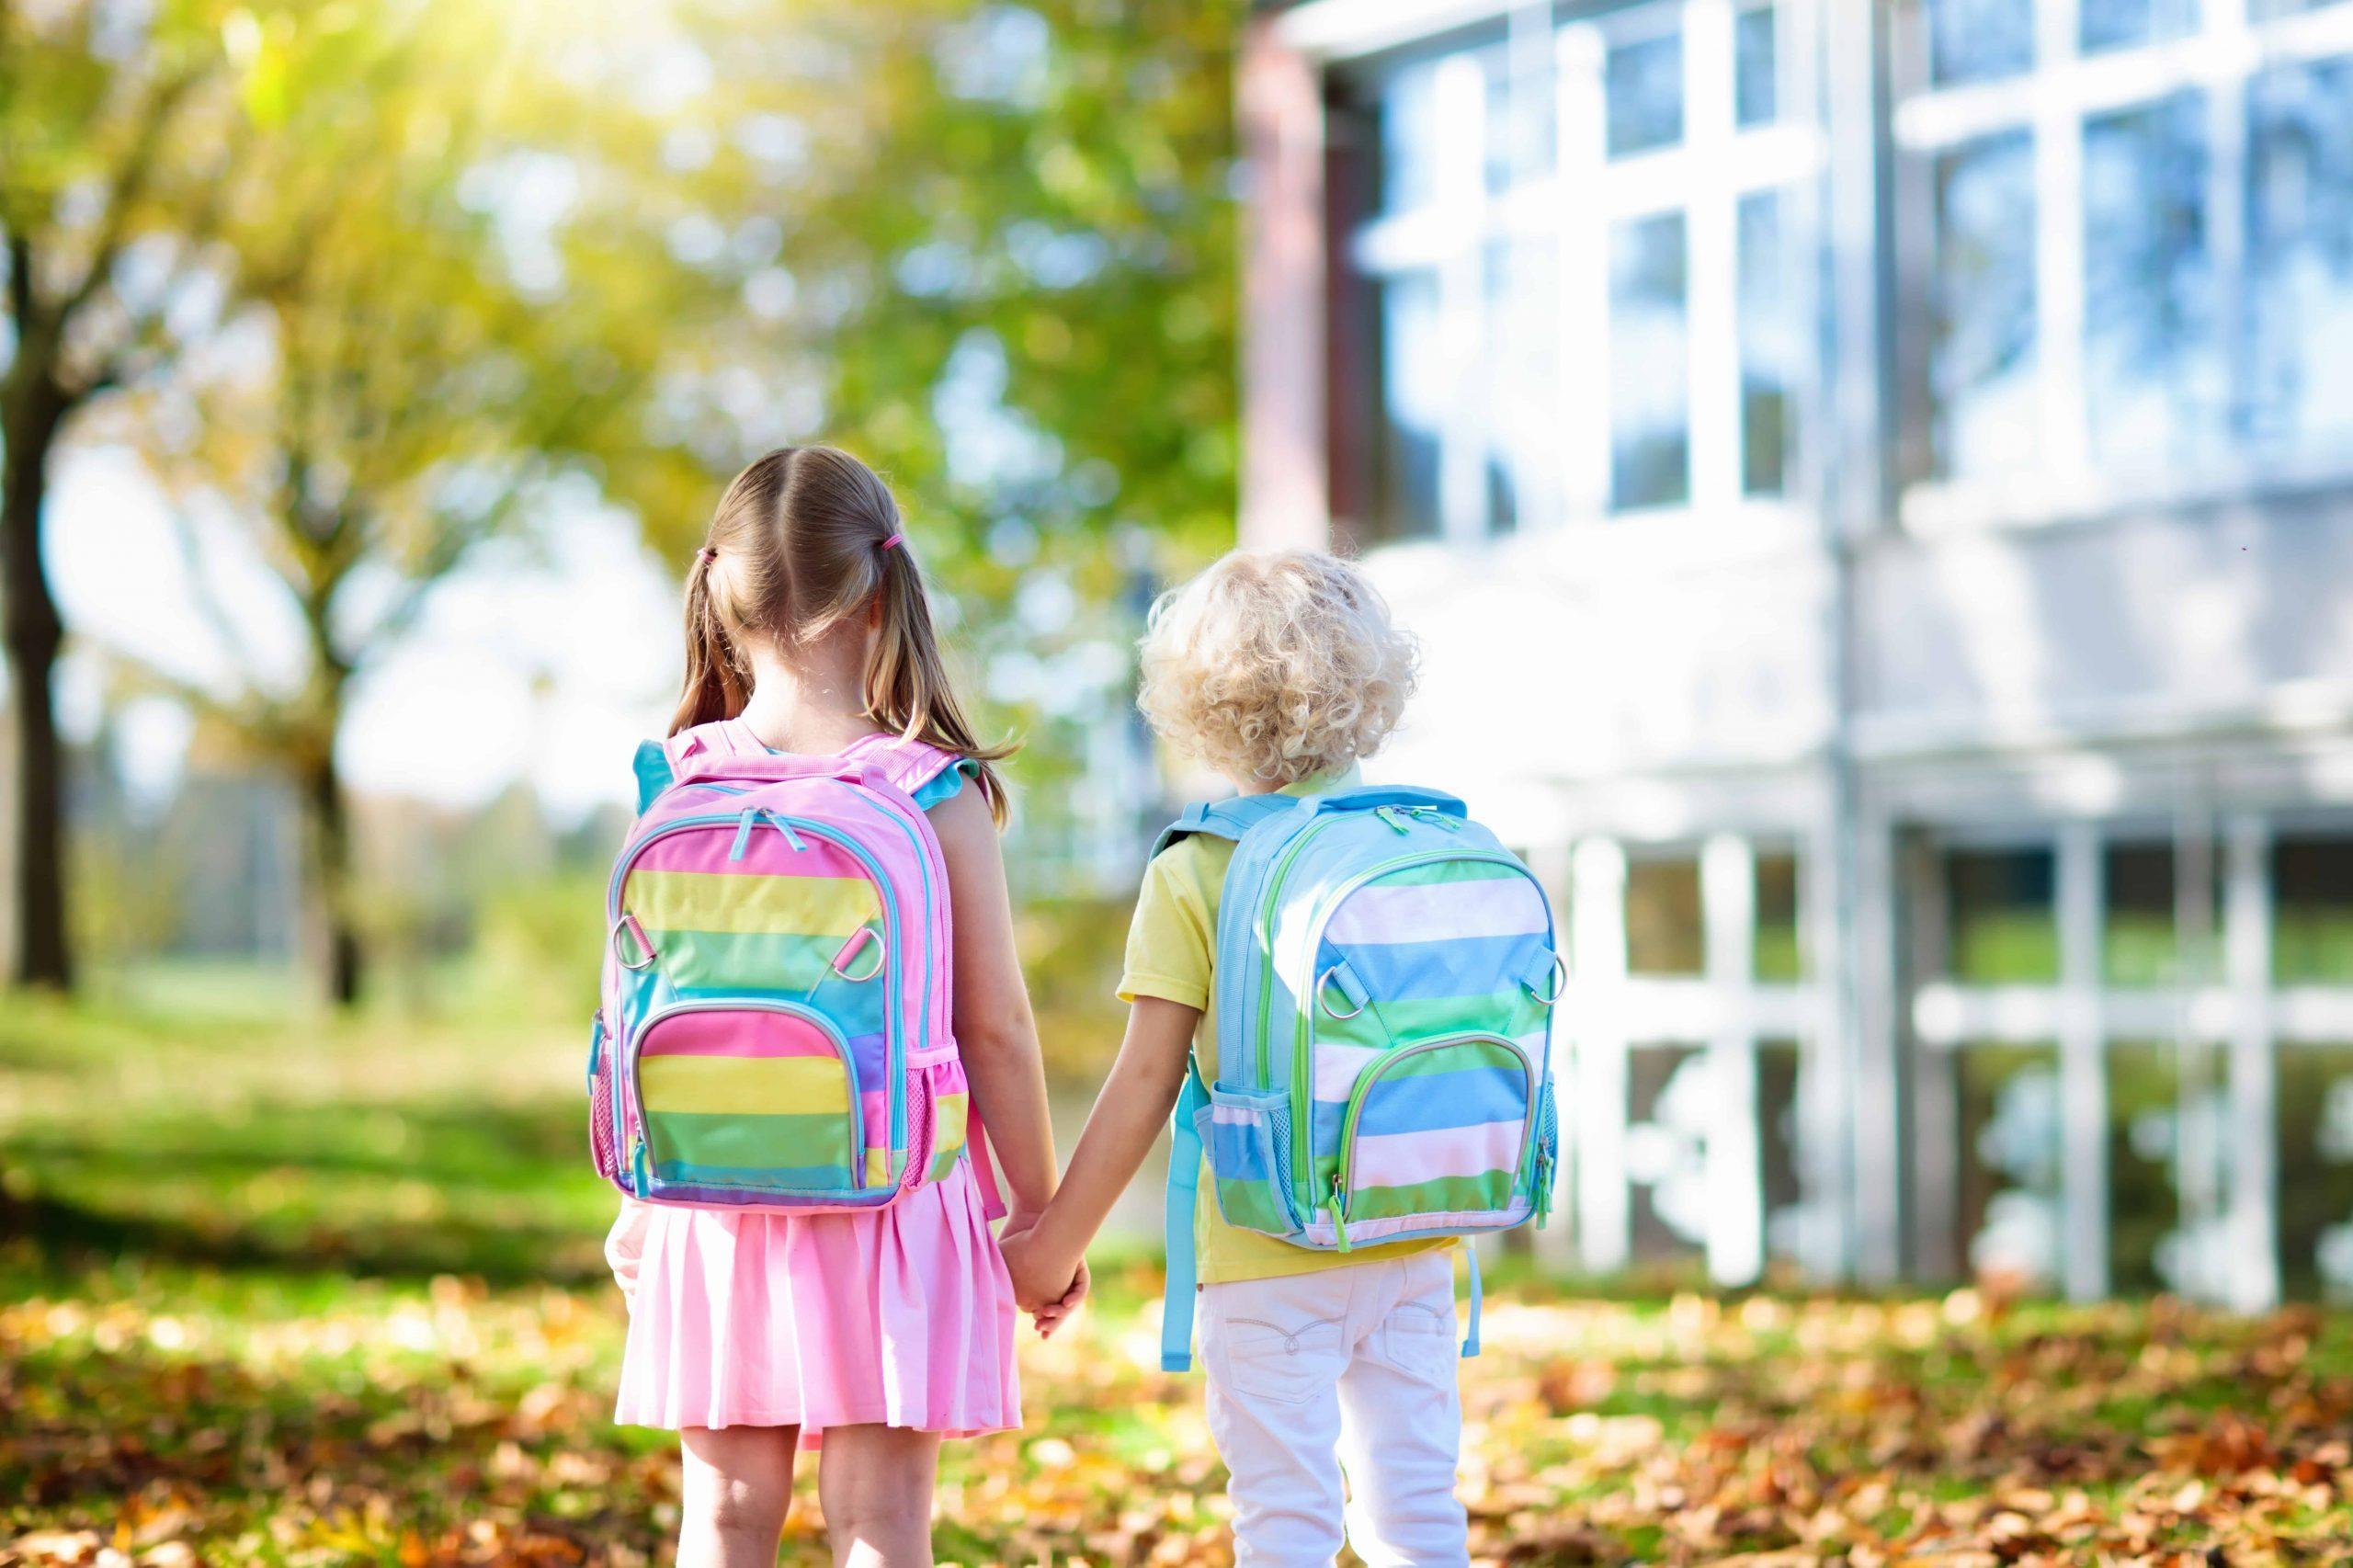 Kindergartenrucksack Vergleich 2019